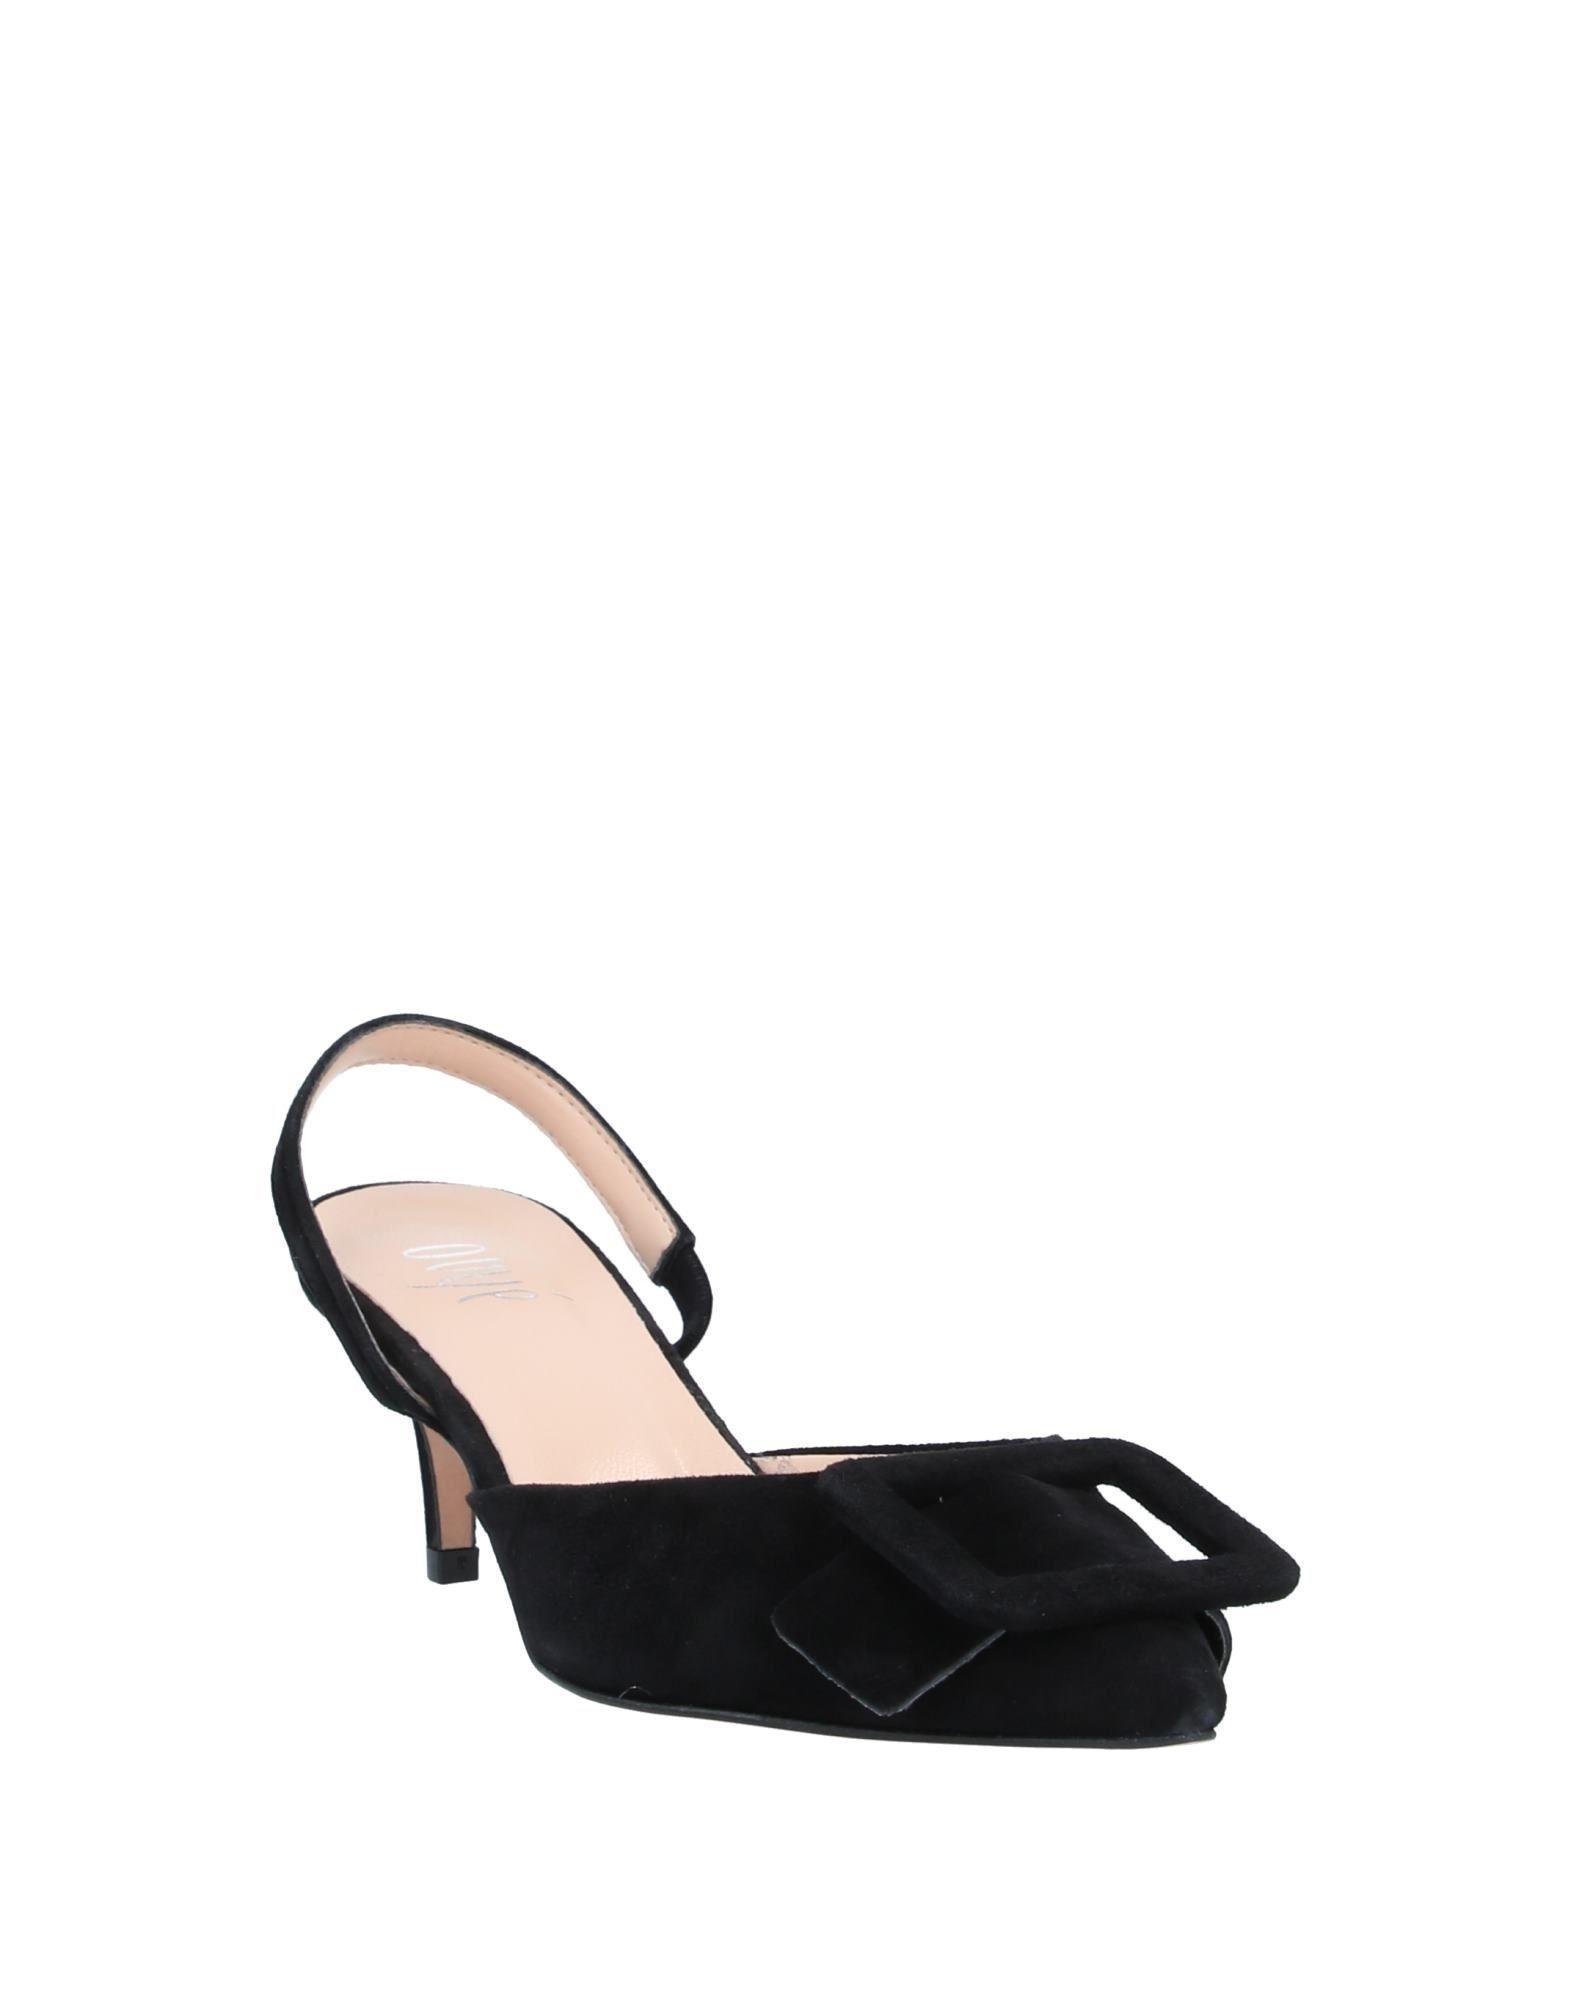 Zapatos de salón Ovye' By Cristina Lucchi de Cuero de color Negro